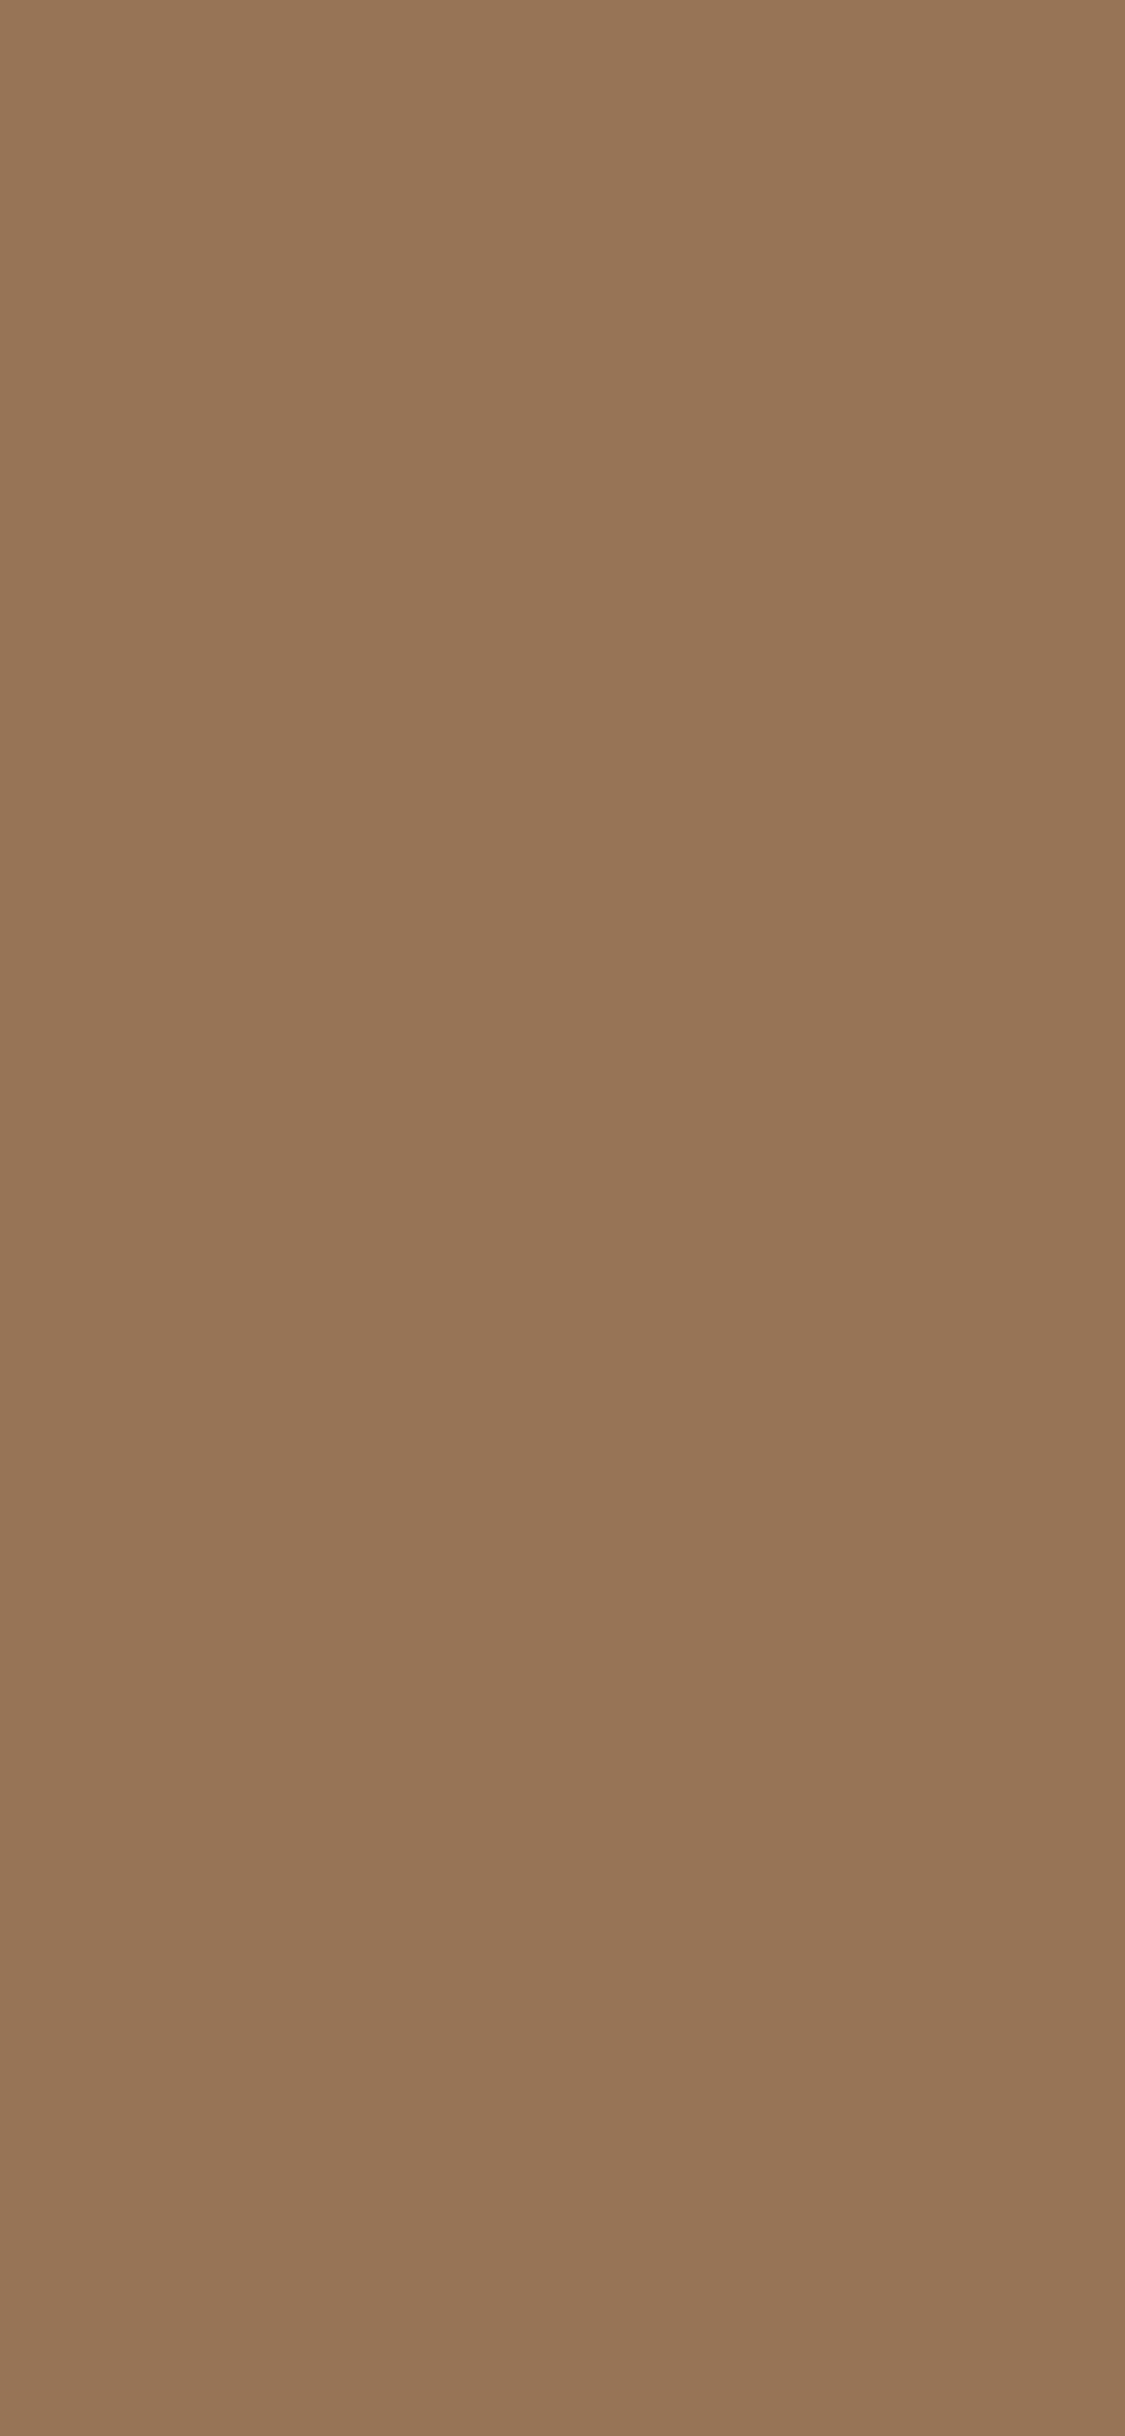 1125x2436 Liver Chestnut Solid Color Background